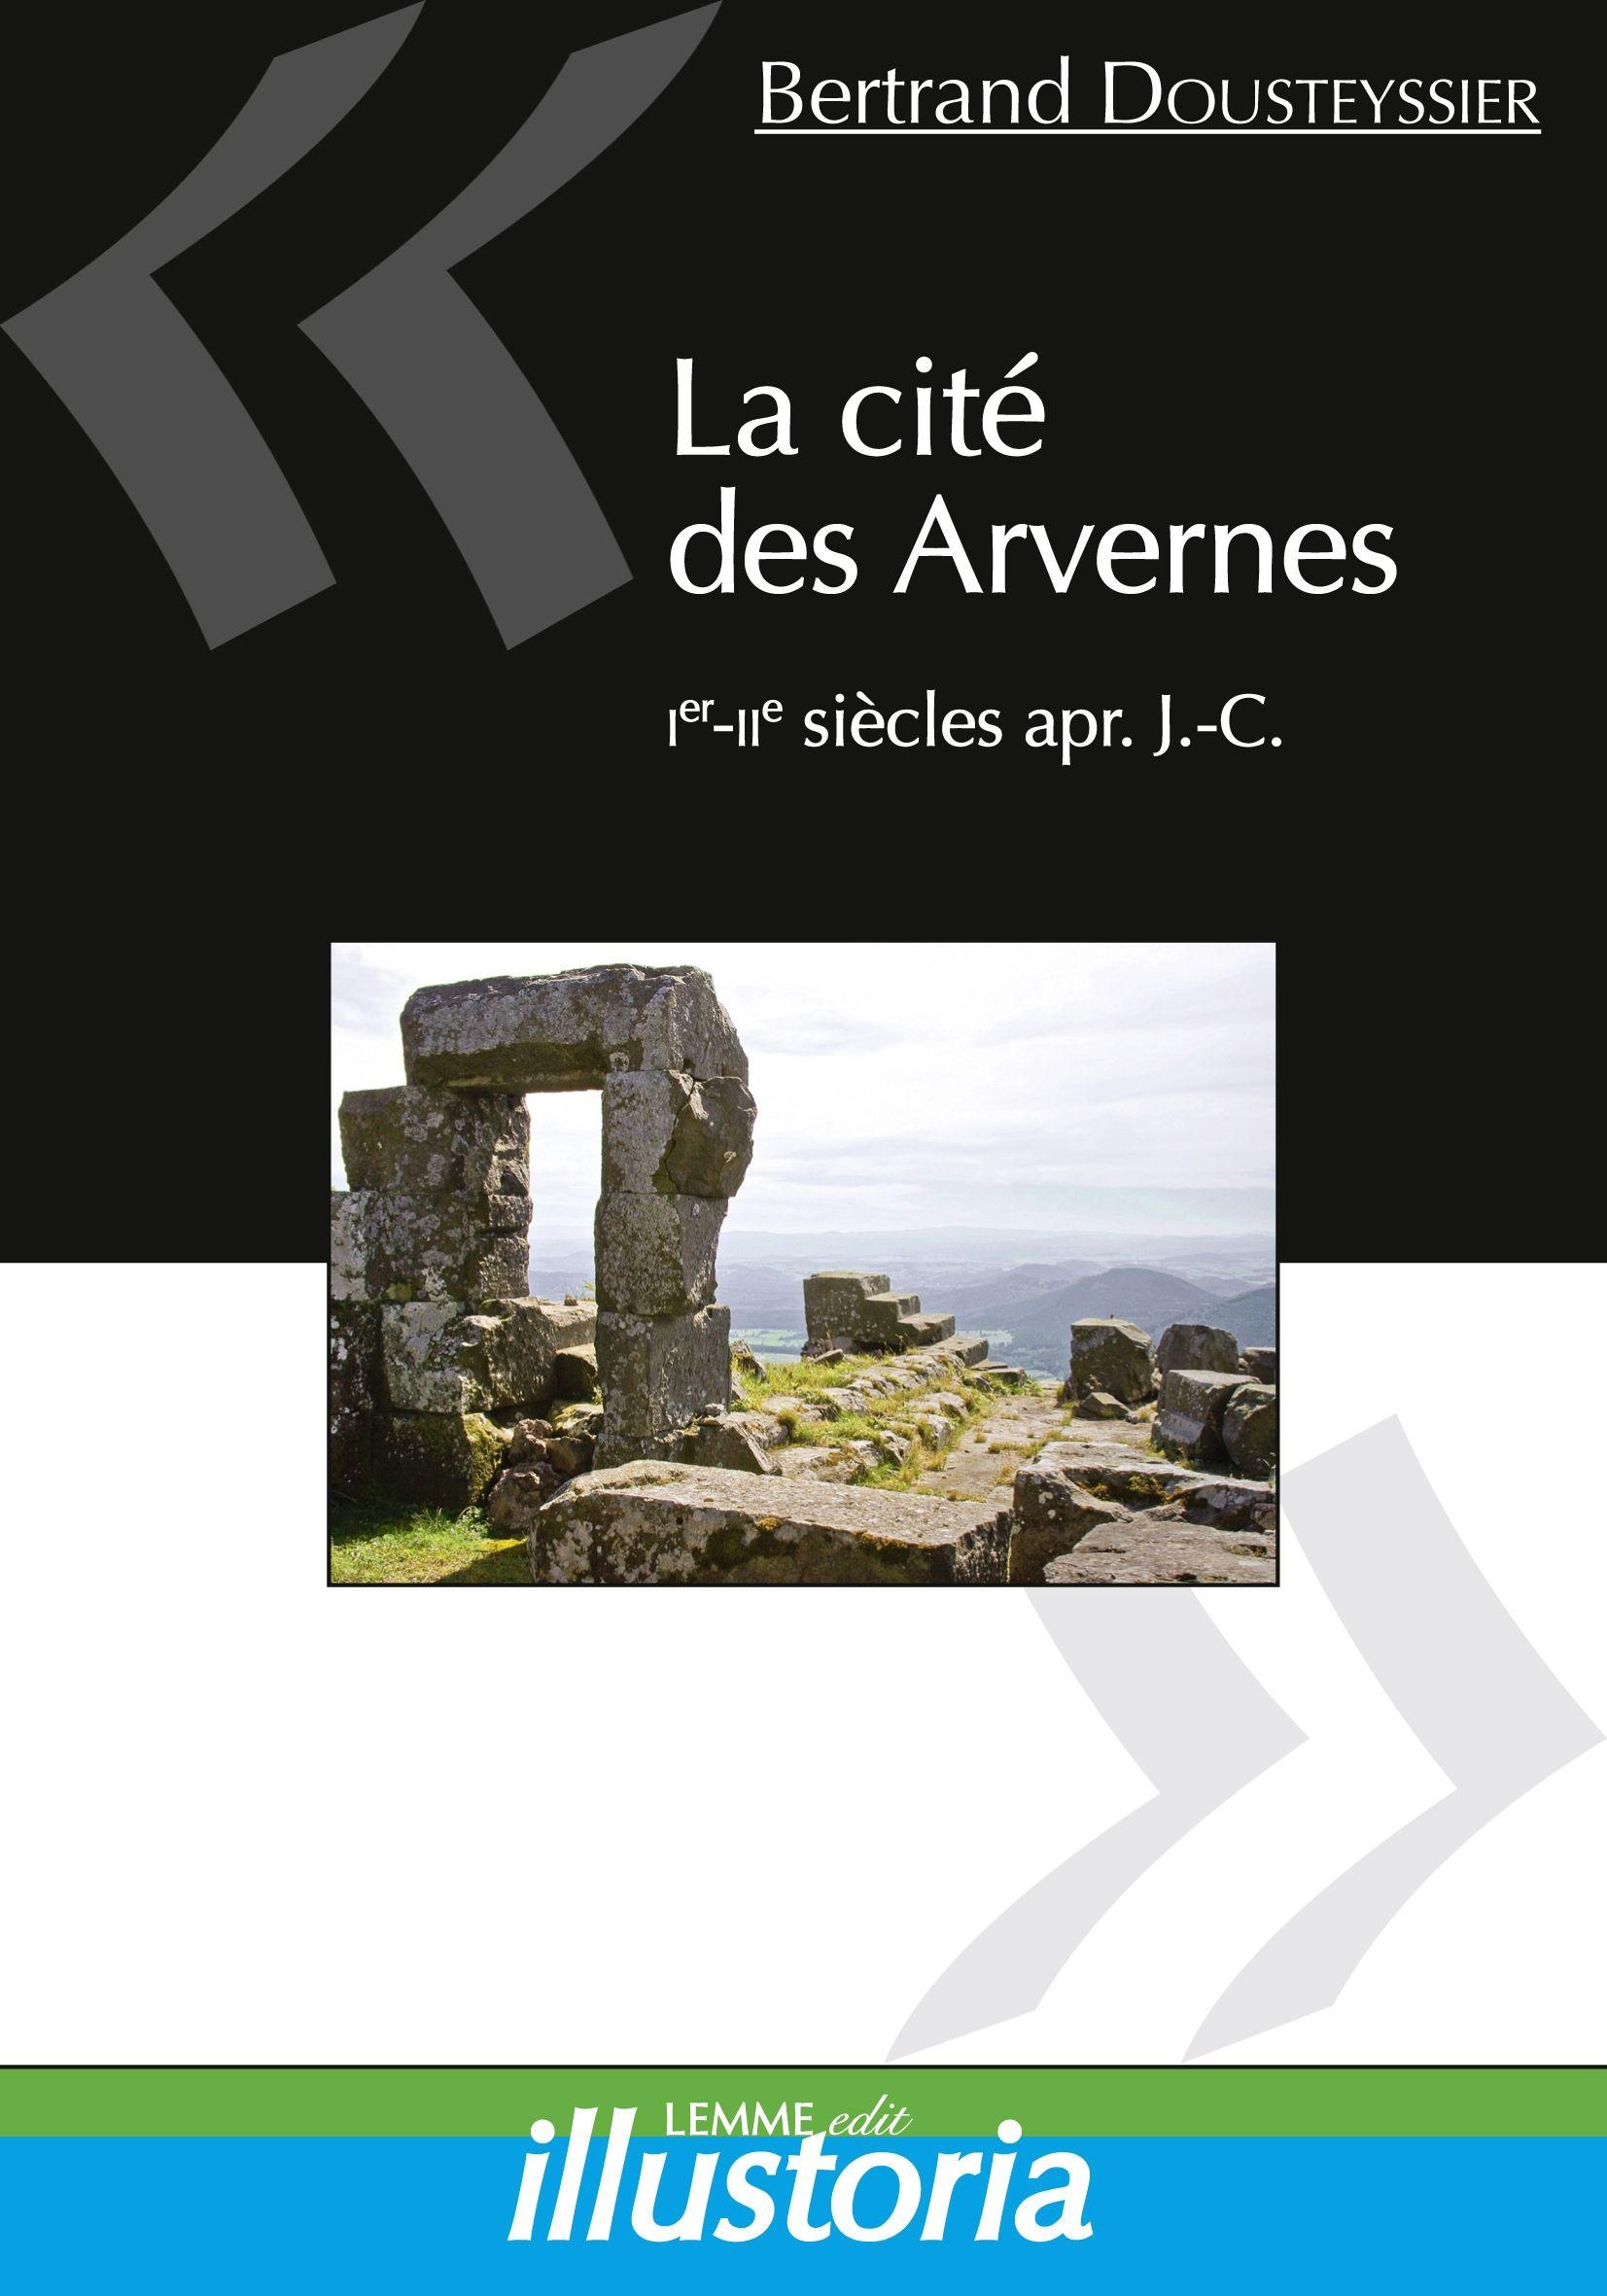 La cité des Arvernes, Bertrand Dousteyssier, ouvrage histoire ancienne, histoire romaine, Arvernes, Gaulois, Gallo-Romains.